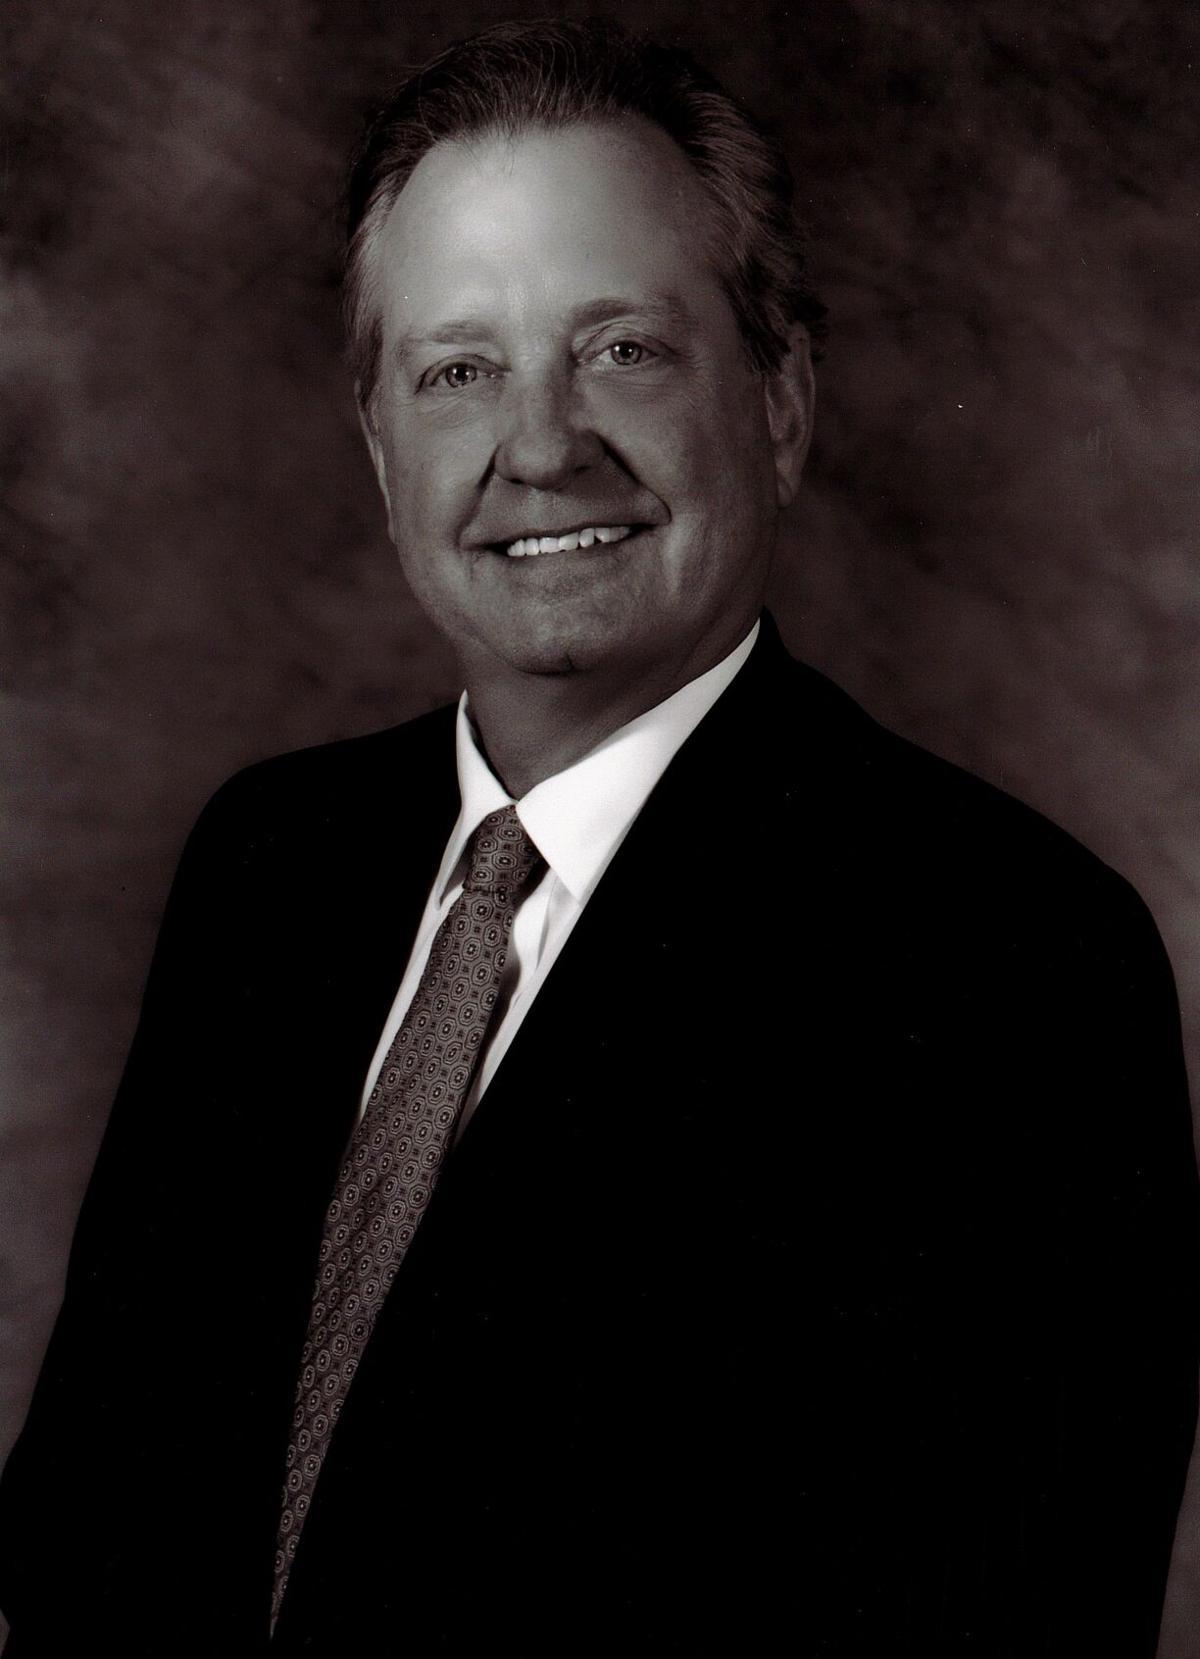 Michael A. Schumacher